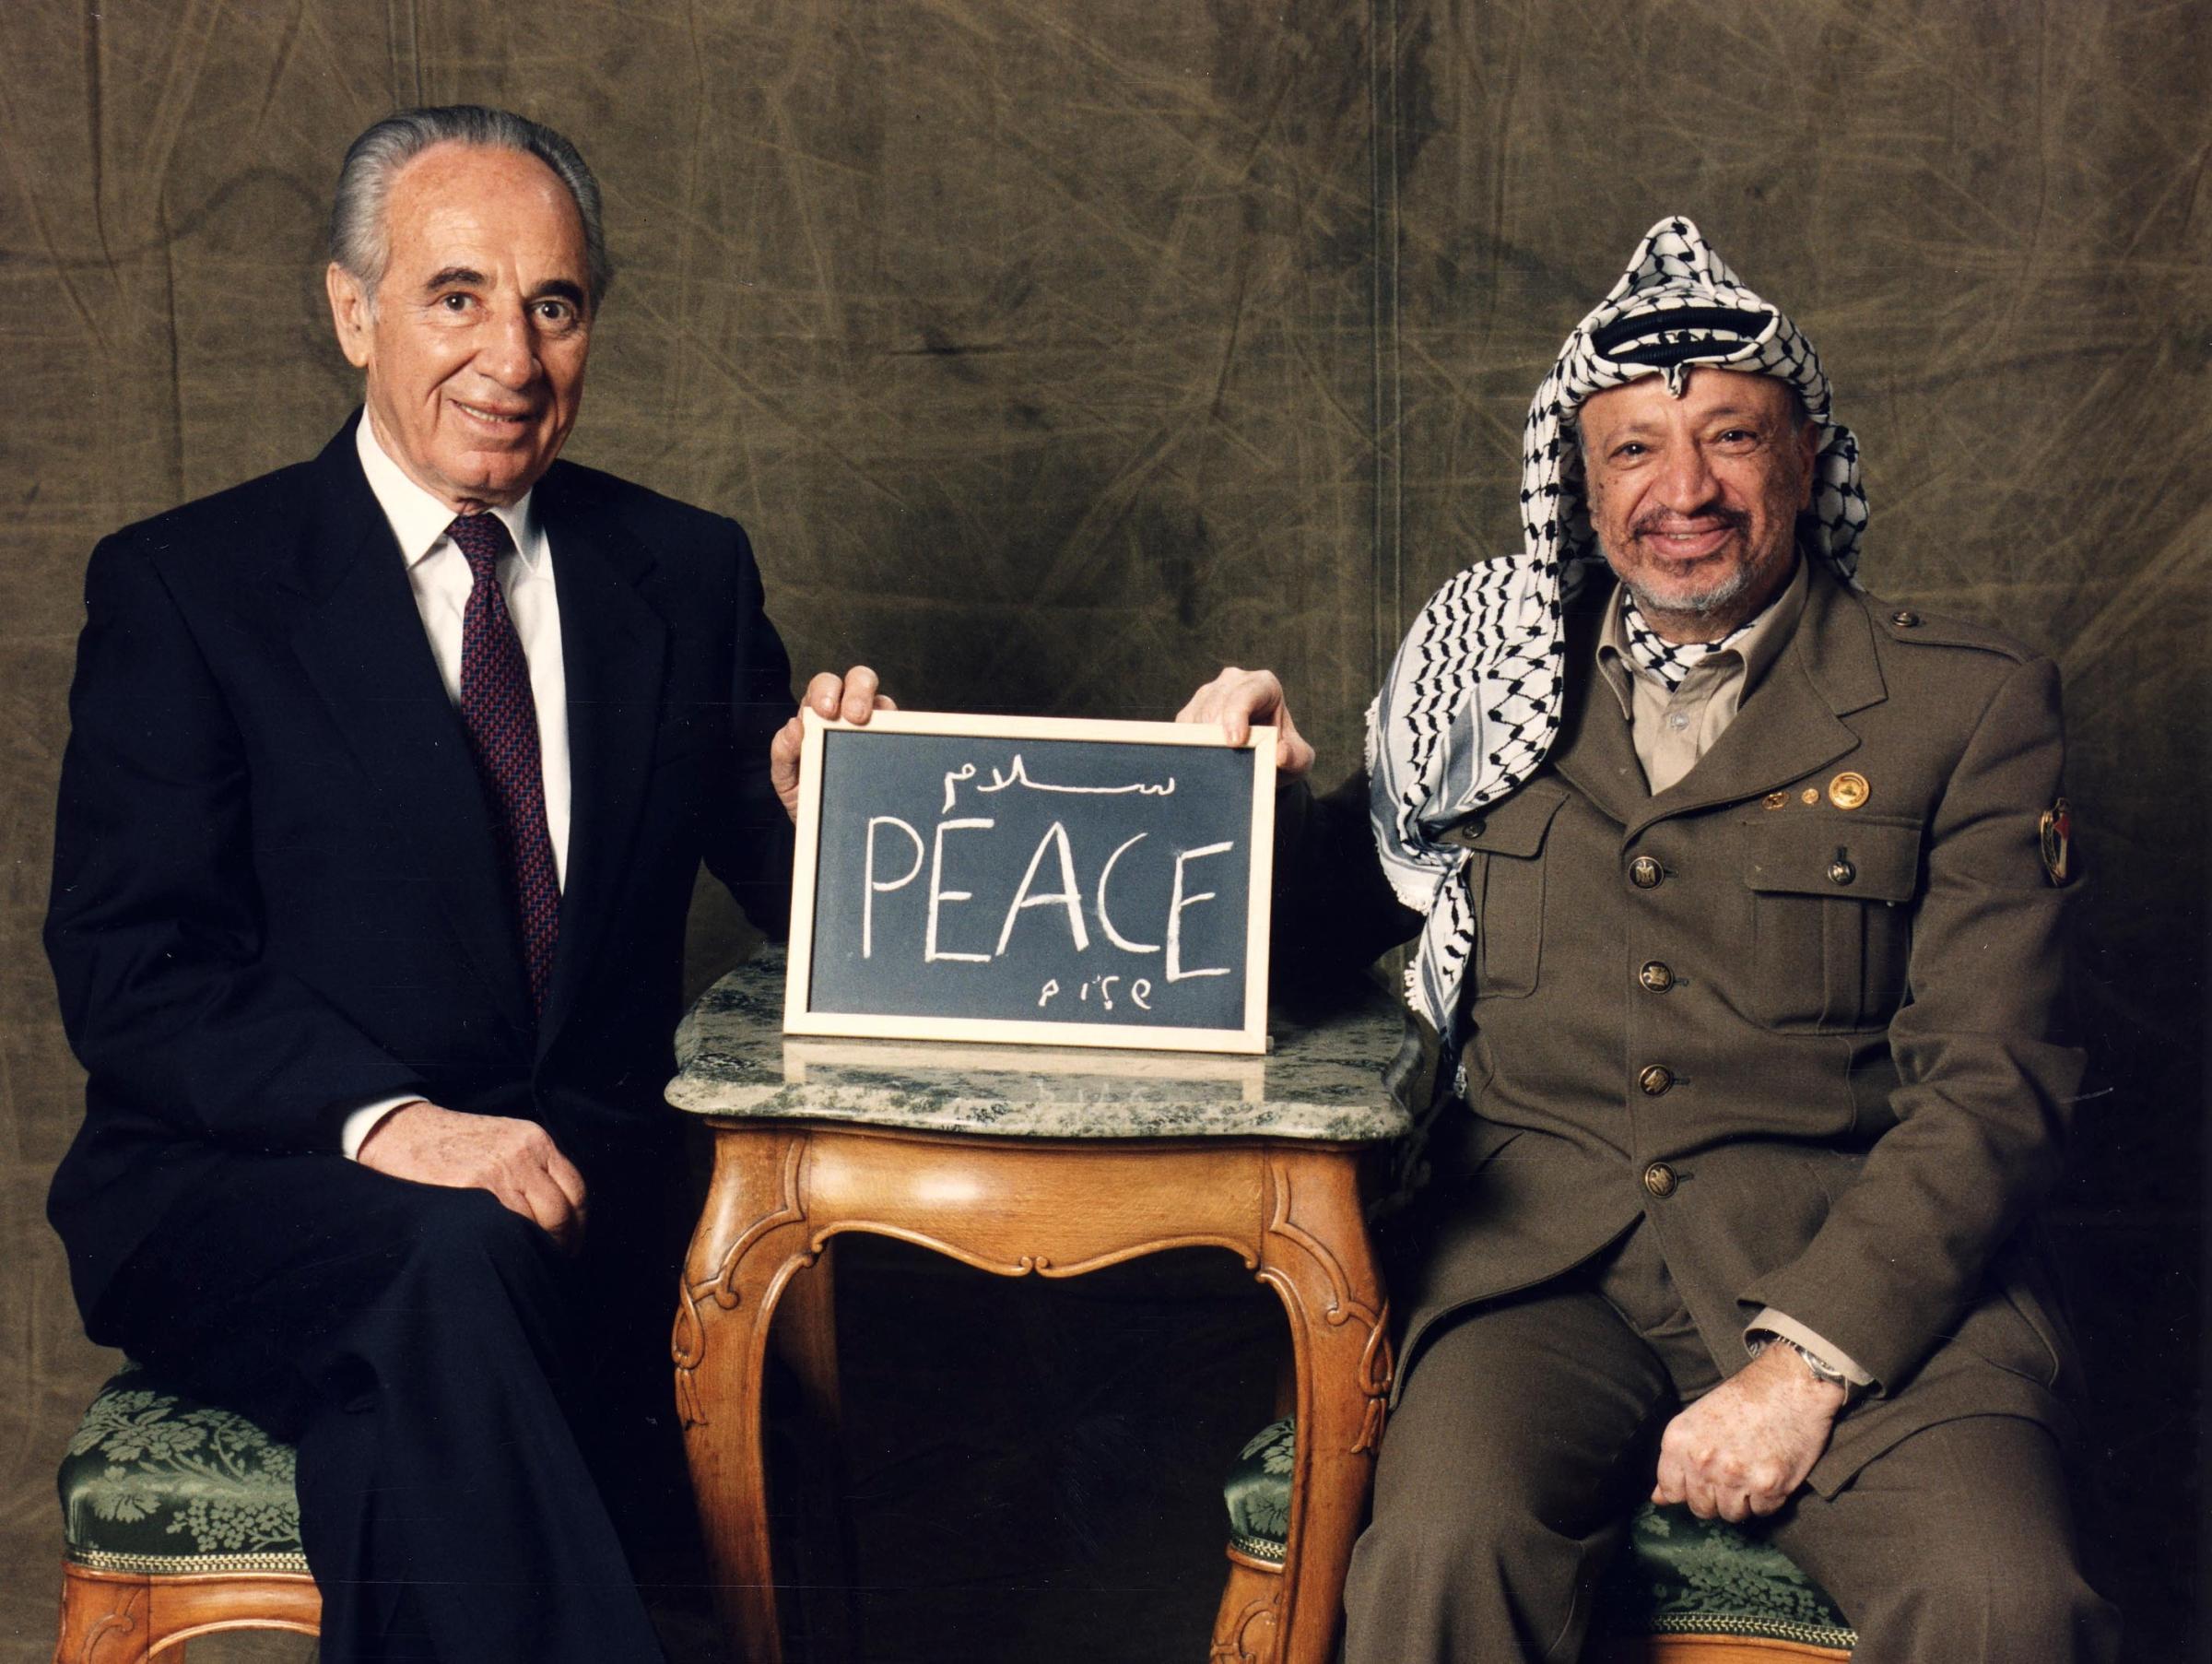 ARKIV 941212 - Israels utrikesminister Shimon Peres (v) och PLO-ledaren Yassir Arafat h嬬er upp en griffeltavla med ordet fred skrivet p堲espektives spr嫬 under fotograferingen p堇rand Hotel i Stockholm. Peres och Arafat mottog, tillsammans med Israels premi䲭inister Yatzhik Rabbin, Nobels Fredspris i Oslo tv堤agar tidigare, den 10 december 1994. Foto: Claes L�en Kod: 1029 COPYRIGHT SCANPIX SWEDEN Israele, morto l'ex presidente Shimon Peres Foto d'archivio LaPresse -- Only Italy